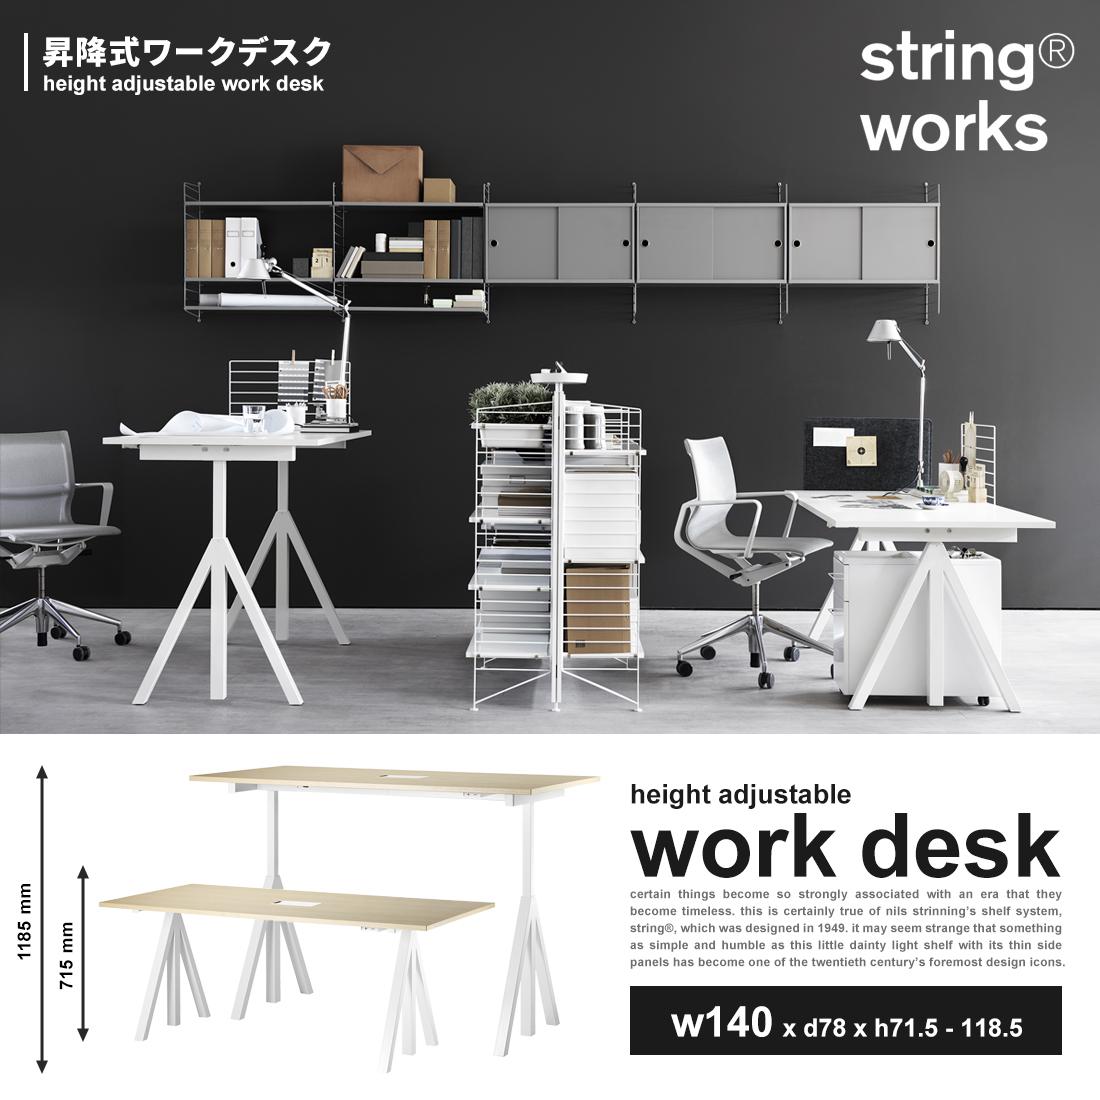 【string ストリング】string works desk ストリング ワークス 昇降式デスク W140cm机 テーブル 作業台 折りたたみ式 折り畳みテーブル ダイニングテーブル